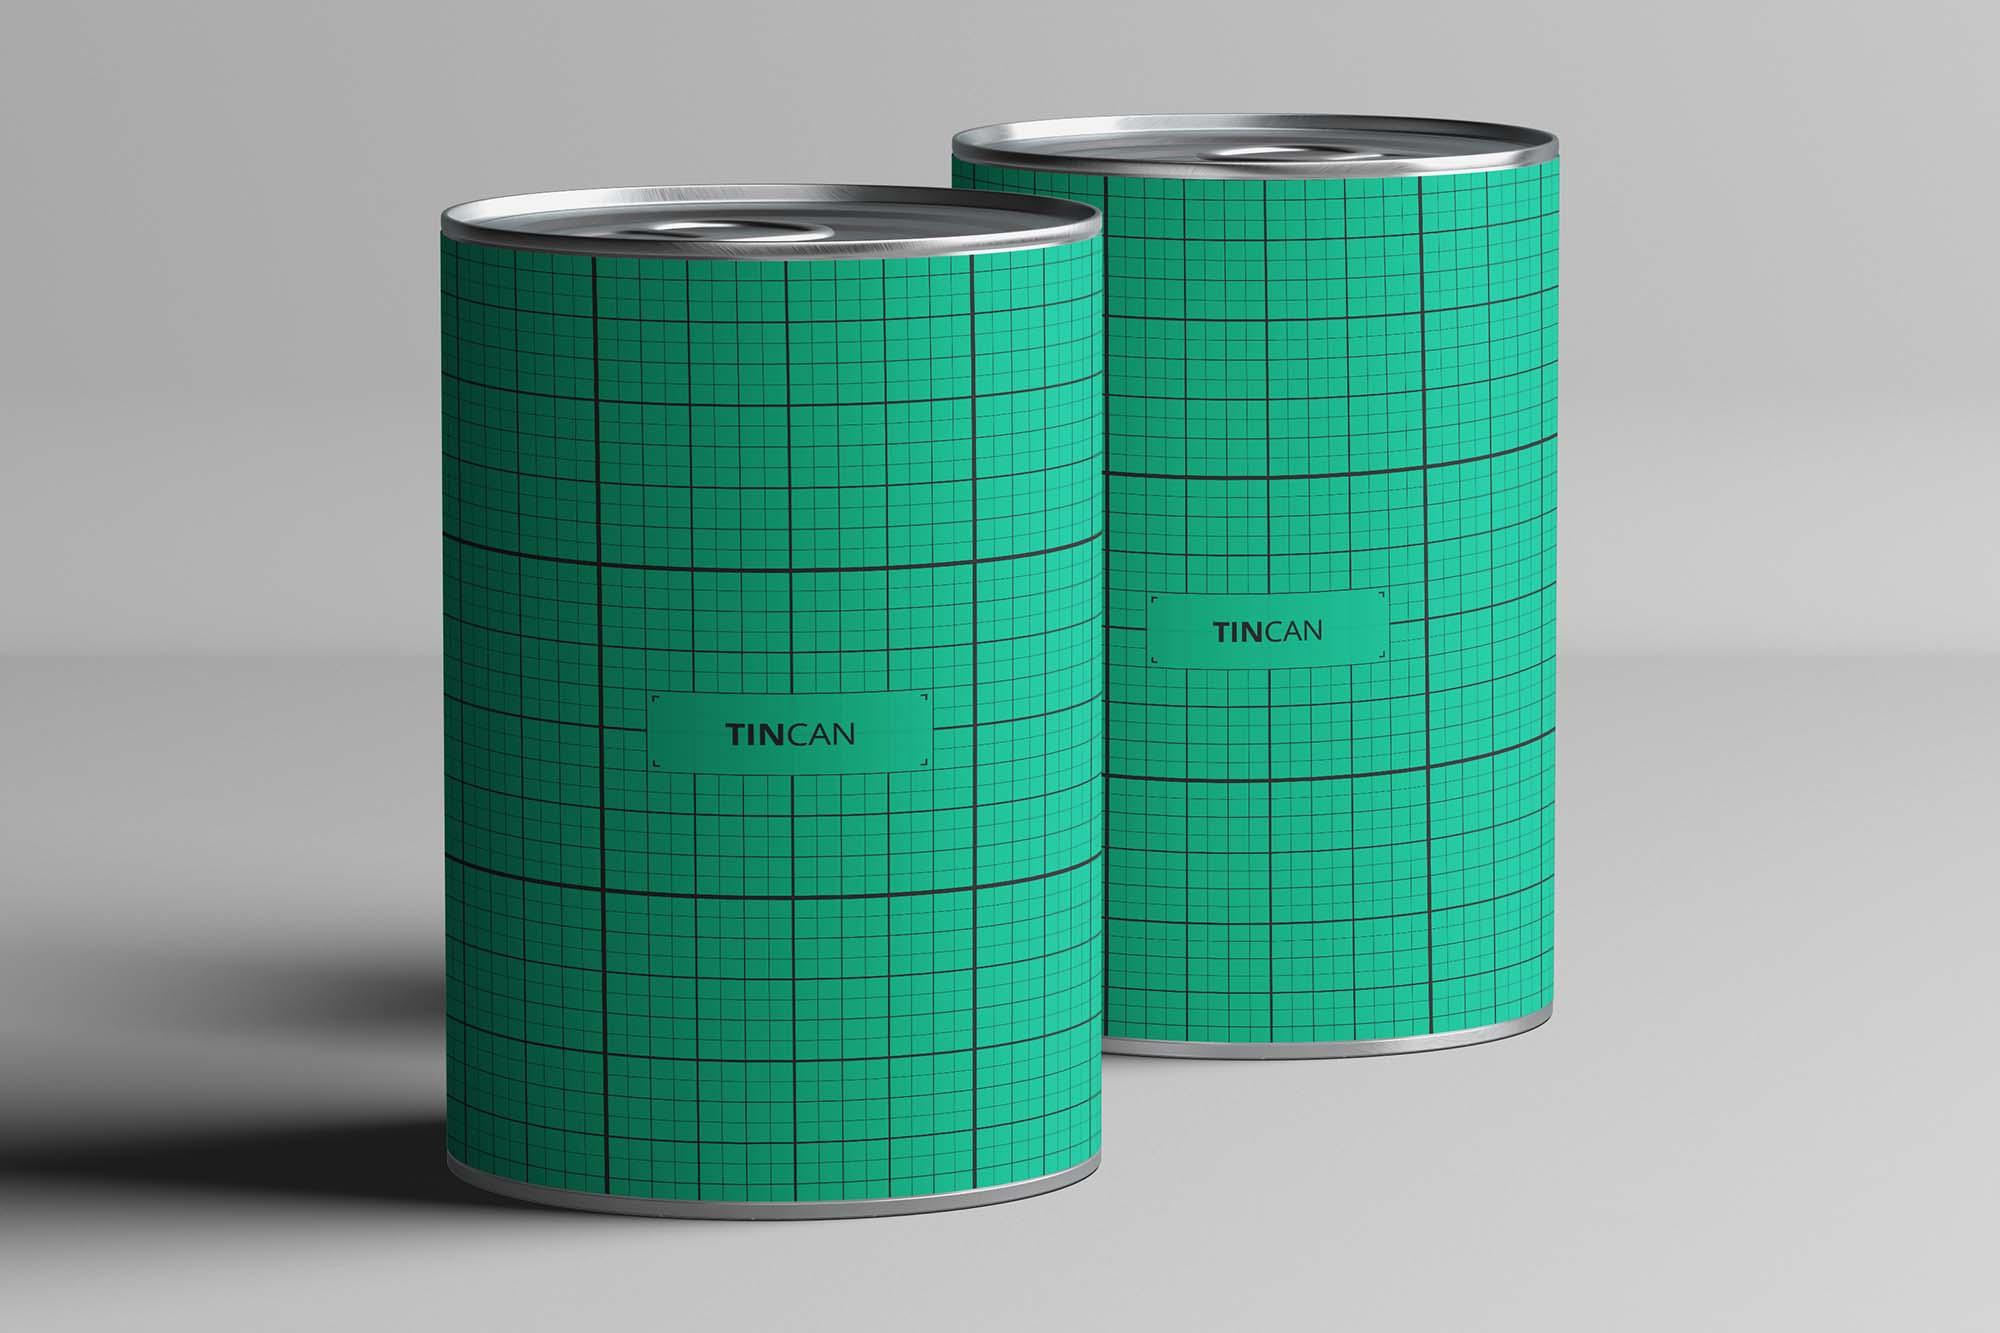 2 Long Tin Cans Mockup